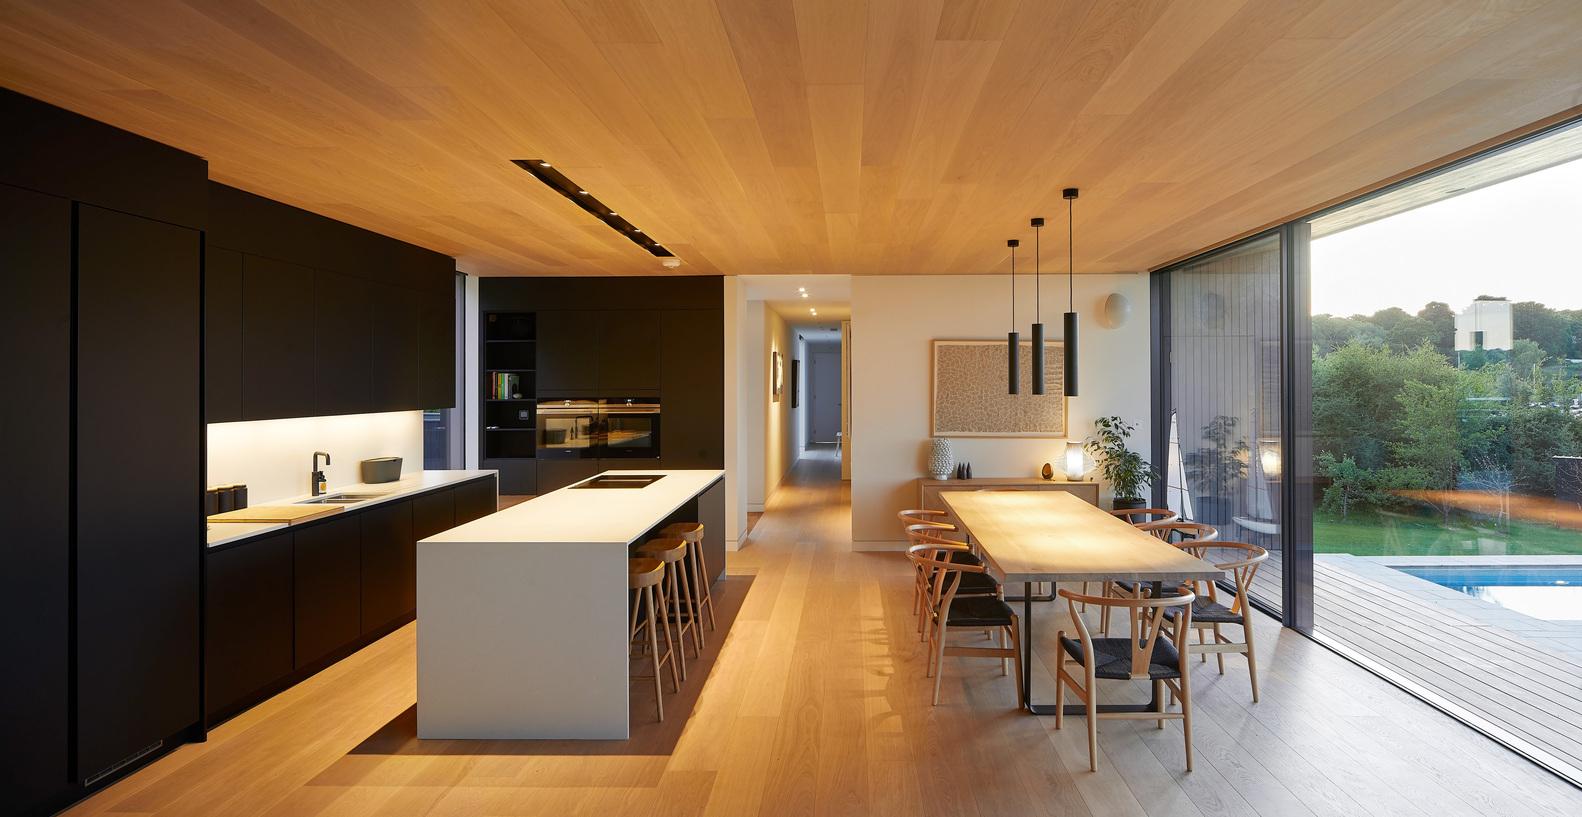 Conseils d'architecte pour aménager une cuisine ouverte